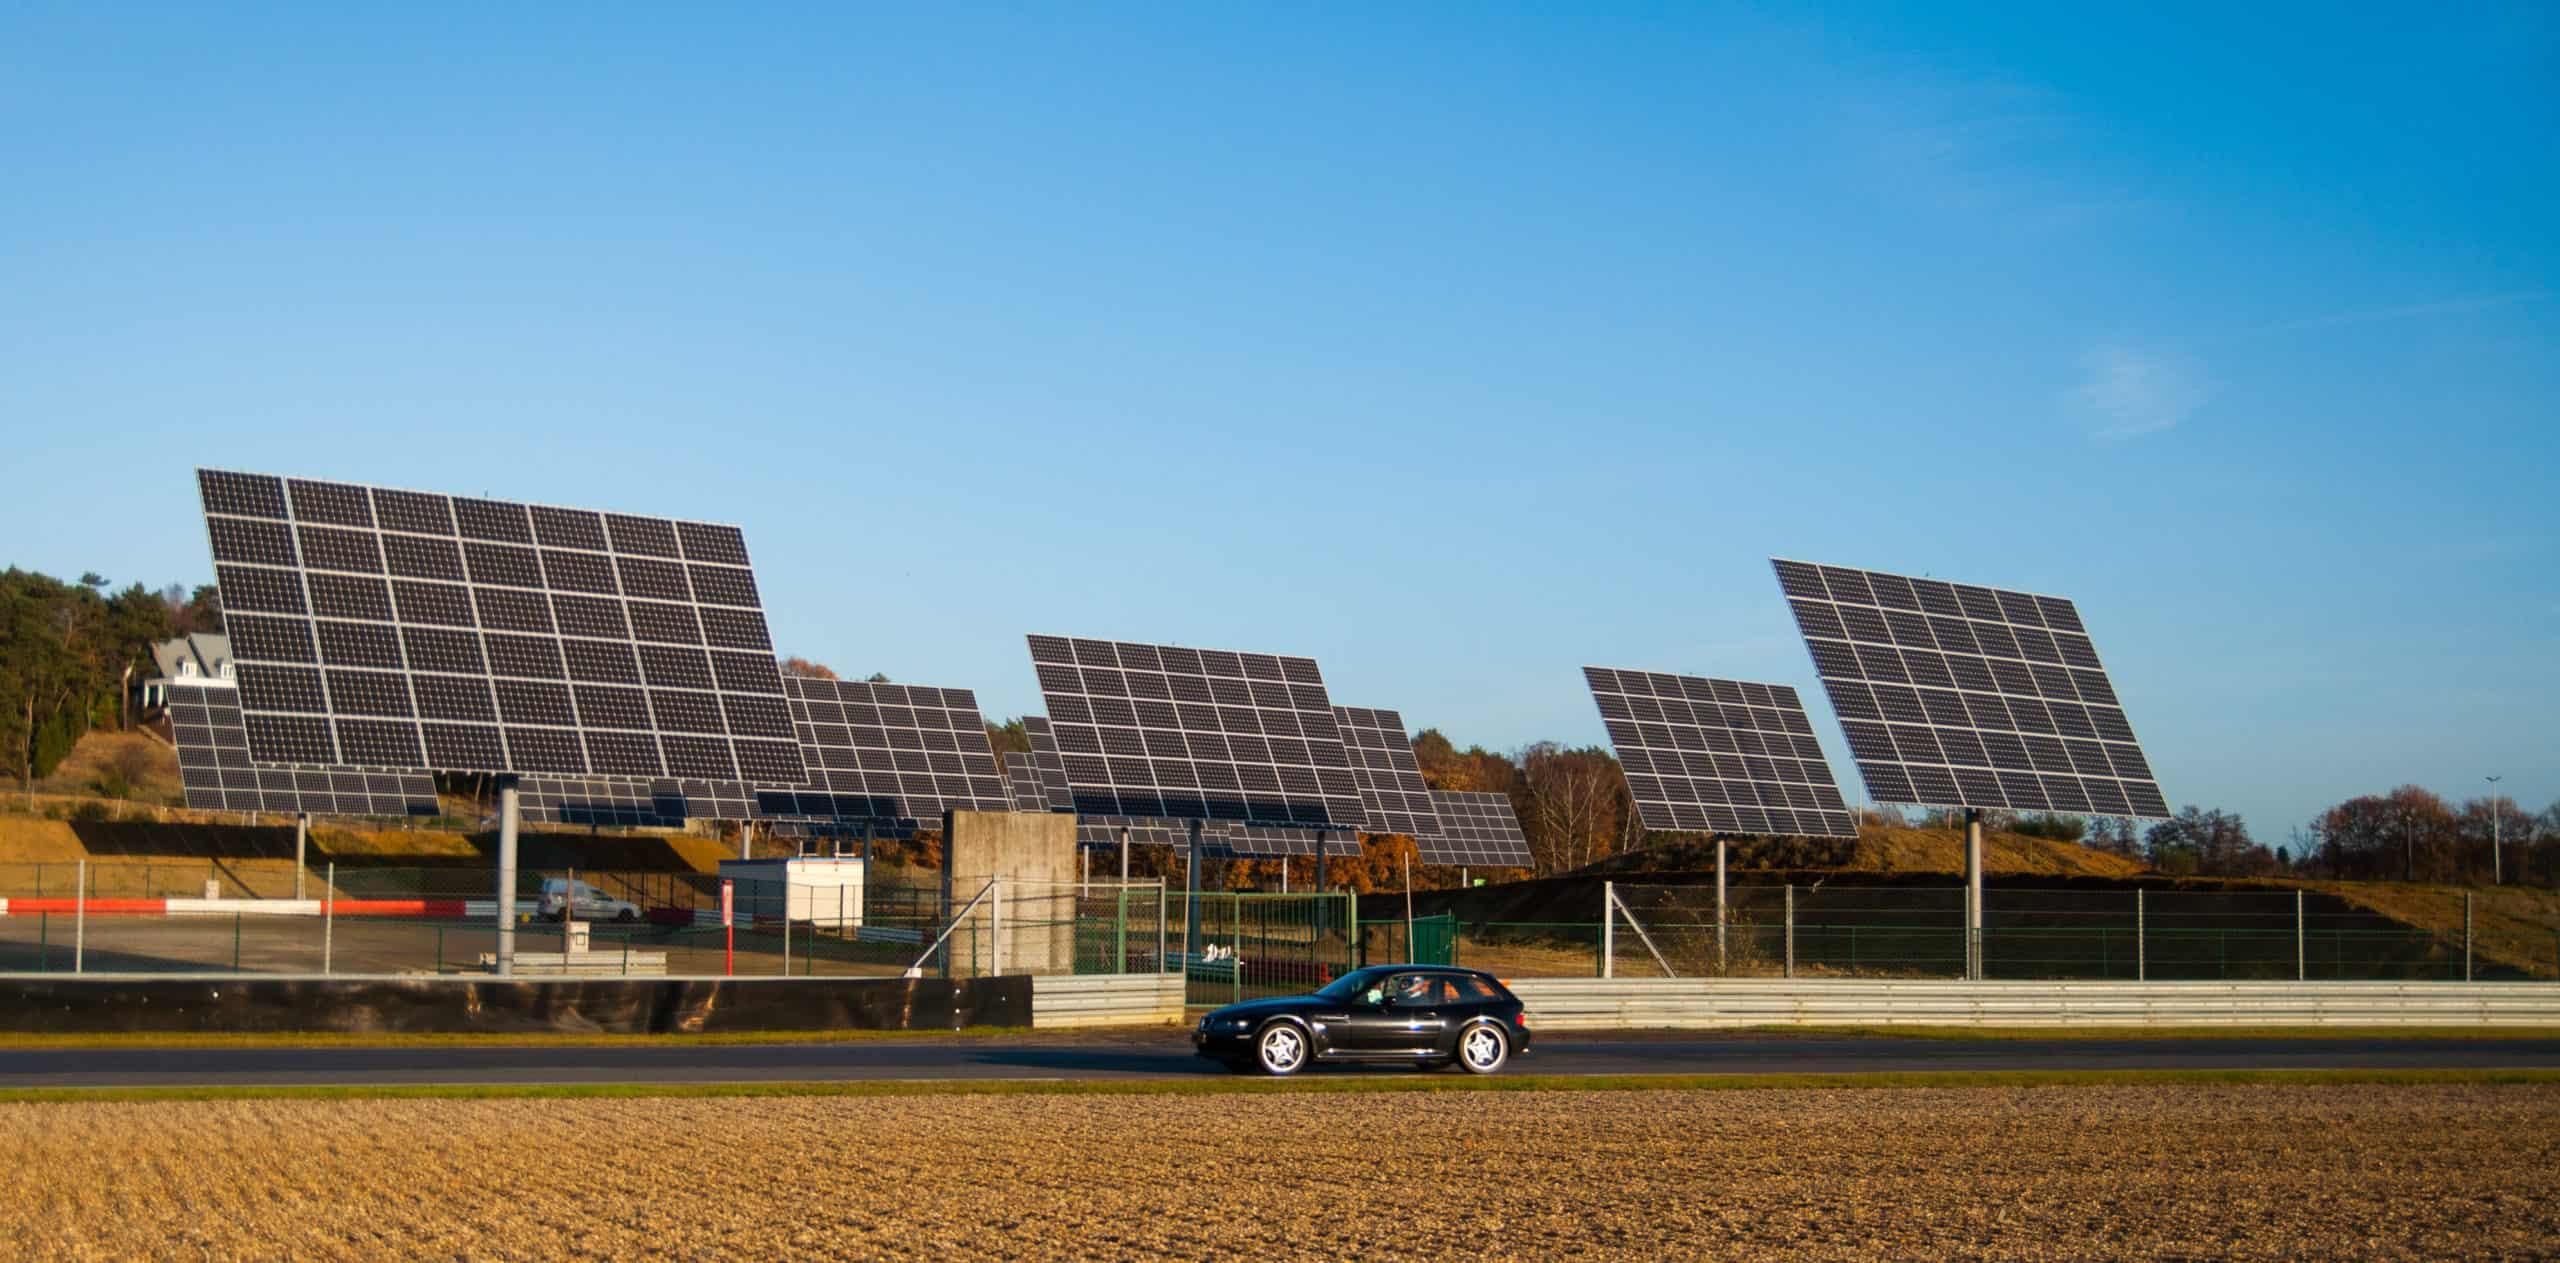 zonnetrackers op circuit zolder